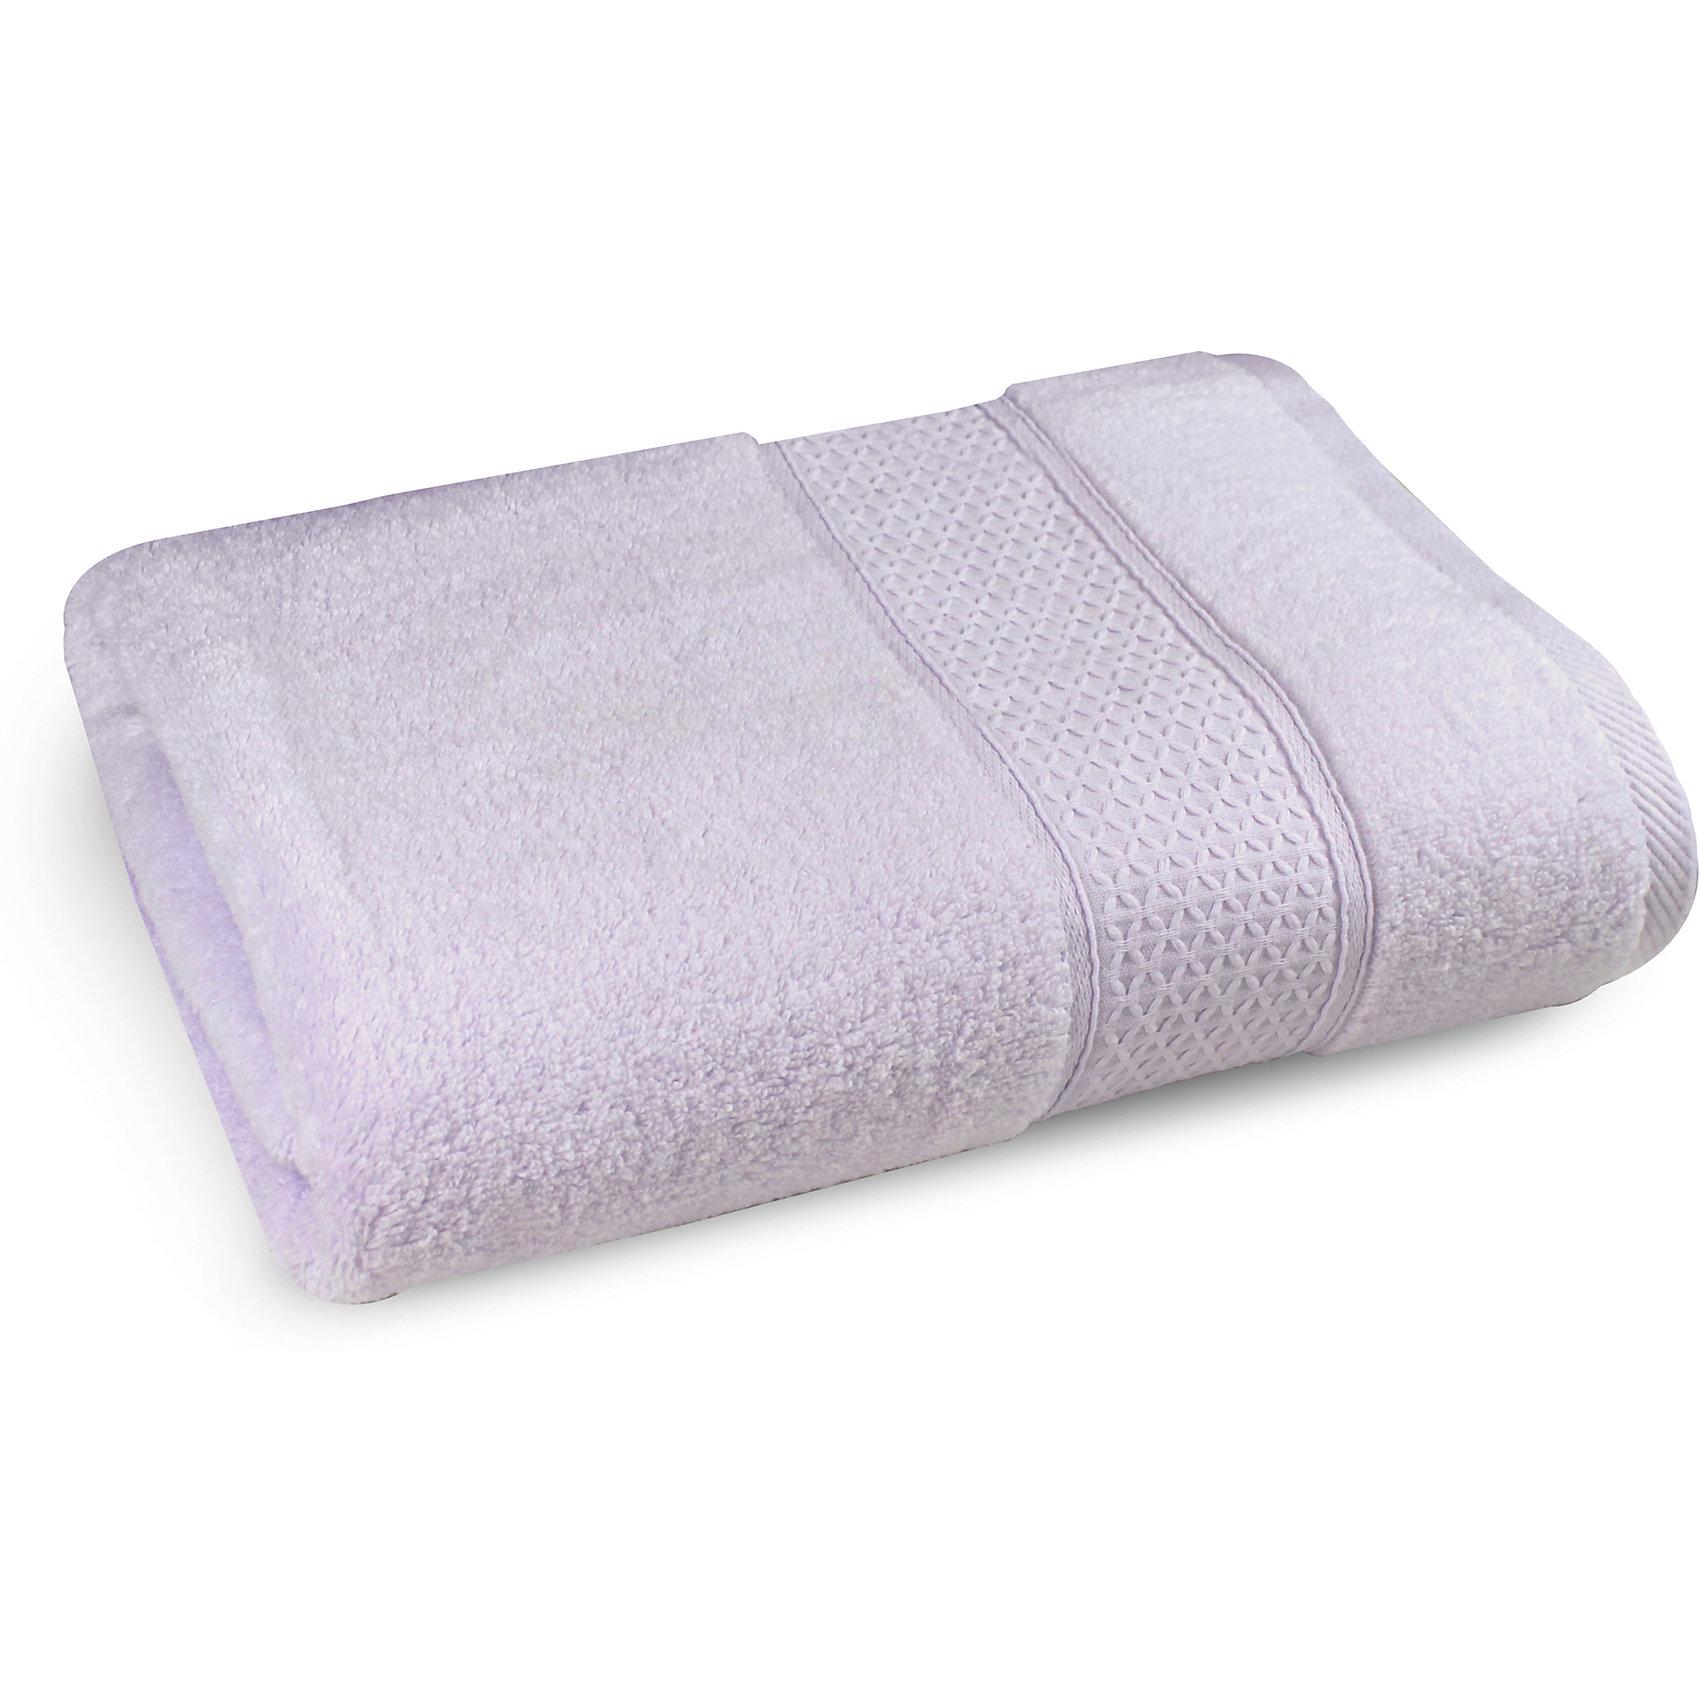 Полотенце махровое 50х90, Cozy Home, фиолетовыйПолотенце махровое 50х90, Cozy Home (Кози Хоум), фиолетовый<br><br>Характеристики:<br><br>• мягкое полотенце, приятное на ощупь<br>• хорошо впитывает влагу<br>• легко стирать<br>• материал: хлопок<br>• размер: 50х90 см<br>• цвет: фиолетовый<br><br>Полотенце из хлопка нежно позаботится о вашей коже и подарит мягкость после водных процедур. Хлопок известен своей прочностью и гипоаллергенностью. Кроме того, он не впитывает неприятные запахи, неприхотлив в уходе и не поддается деформации и выцветанию. Приятный дизайн с вышитым бордюром станет прекрасным дополнением для вашей ванной комнаты.<br><br>Полотенце махровое 50х90, Cozy Home (Кози Хоум), фиолетовый можно купить в нашем интернет-магазине.<br><br>Ширина мм: 150<br>Глубина мм: 250<br>Высота мм: 150<br>Вес г: 250<br>Возраст от месяцев: 0<br>Возраст до месяцев: 216<br>Пол: Женский<br>Возраст: Детский<br>SKU: 5355305